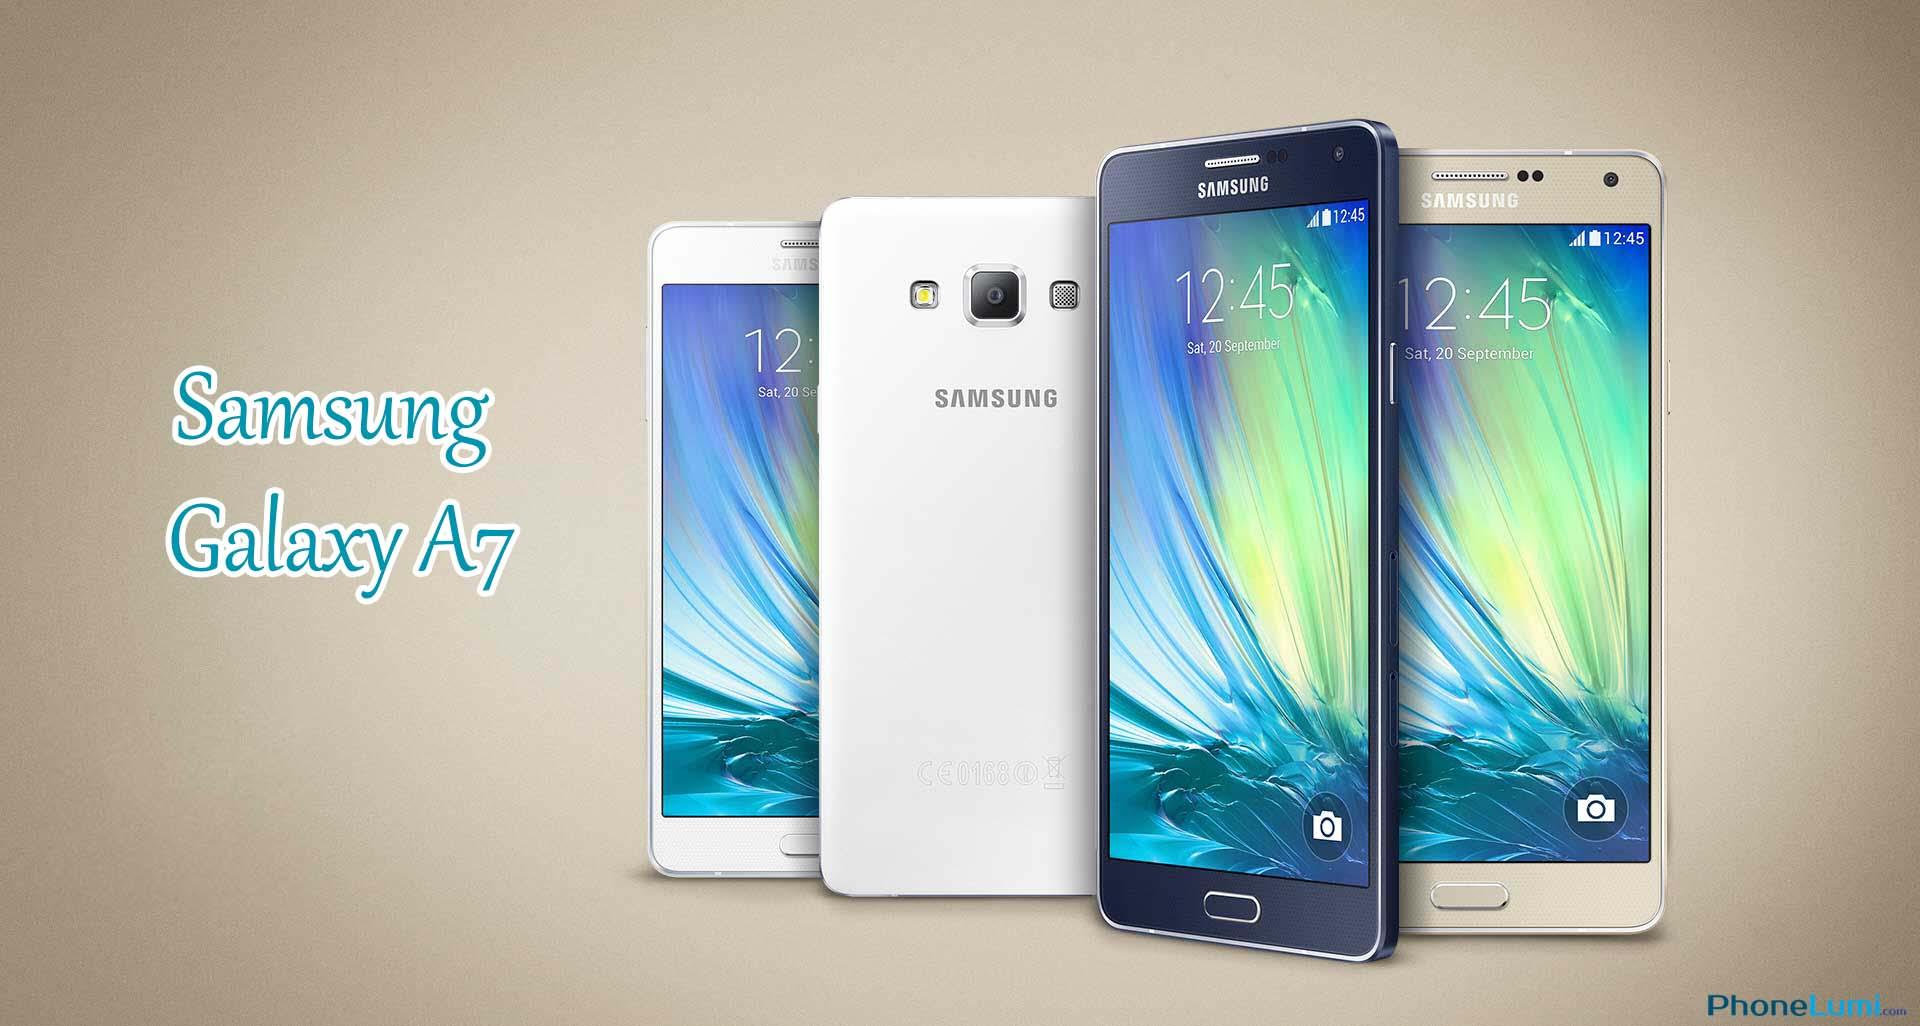 Samsung Galaxy A7 SM-A700H schematics